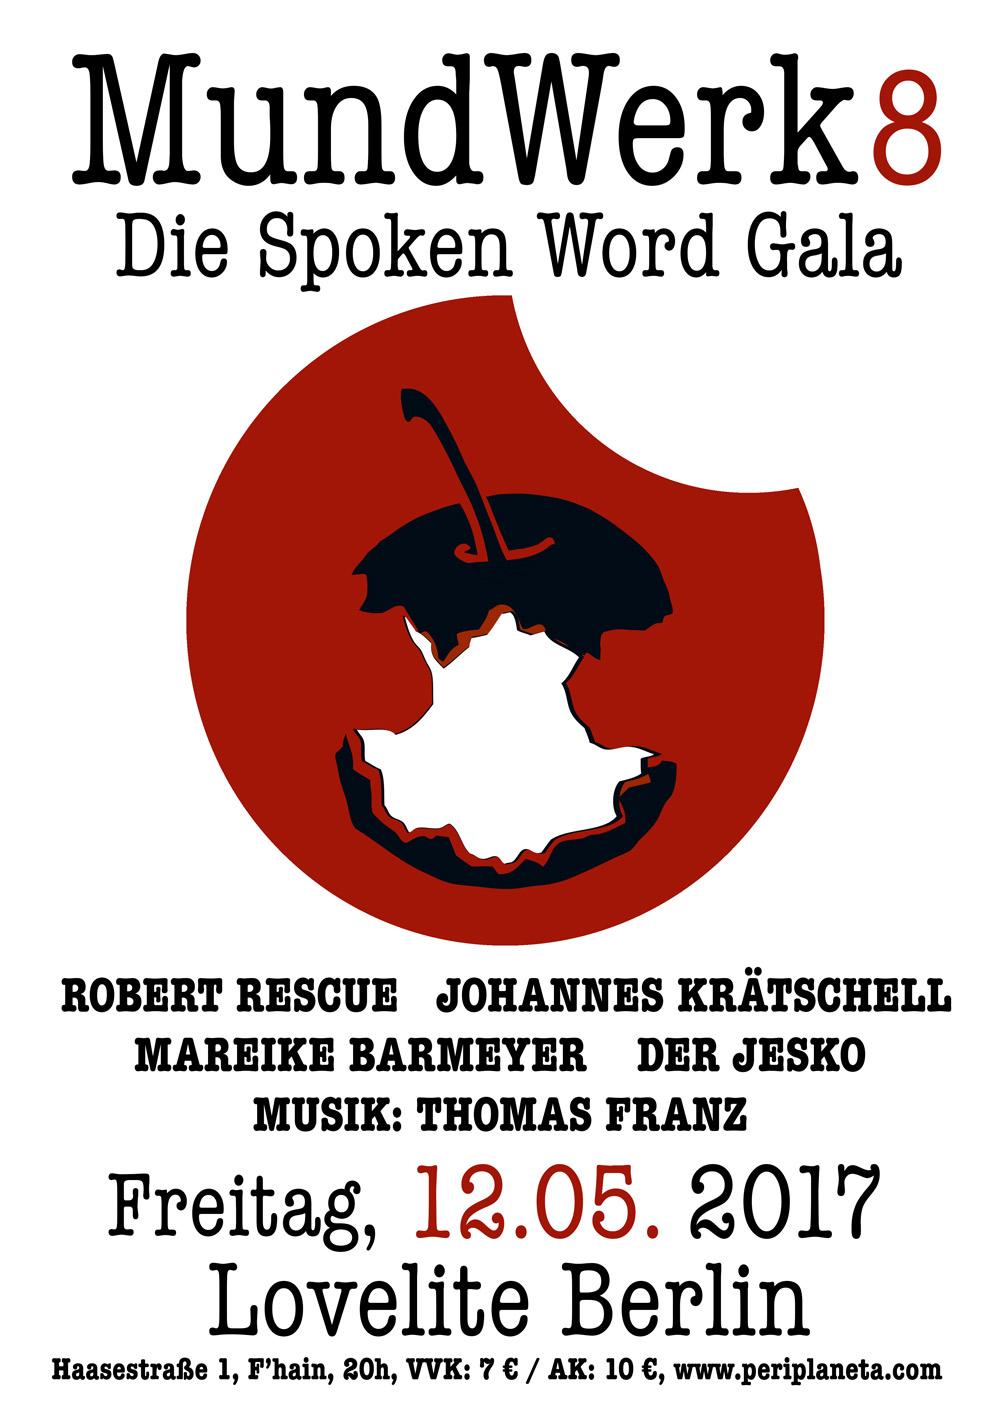 MundWerk Spoken Word Gala 8